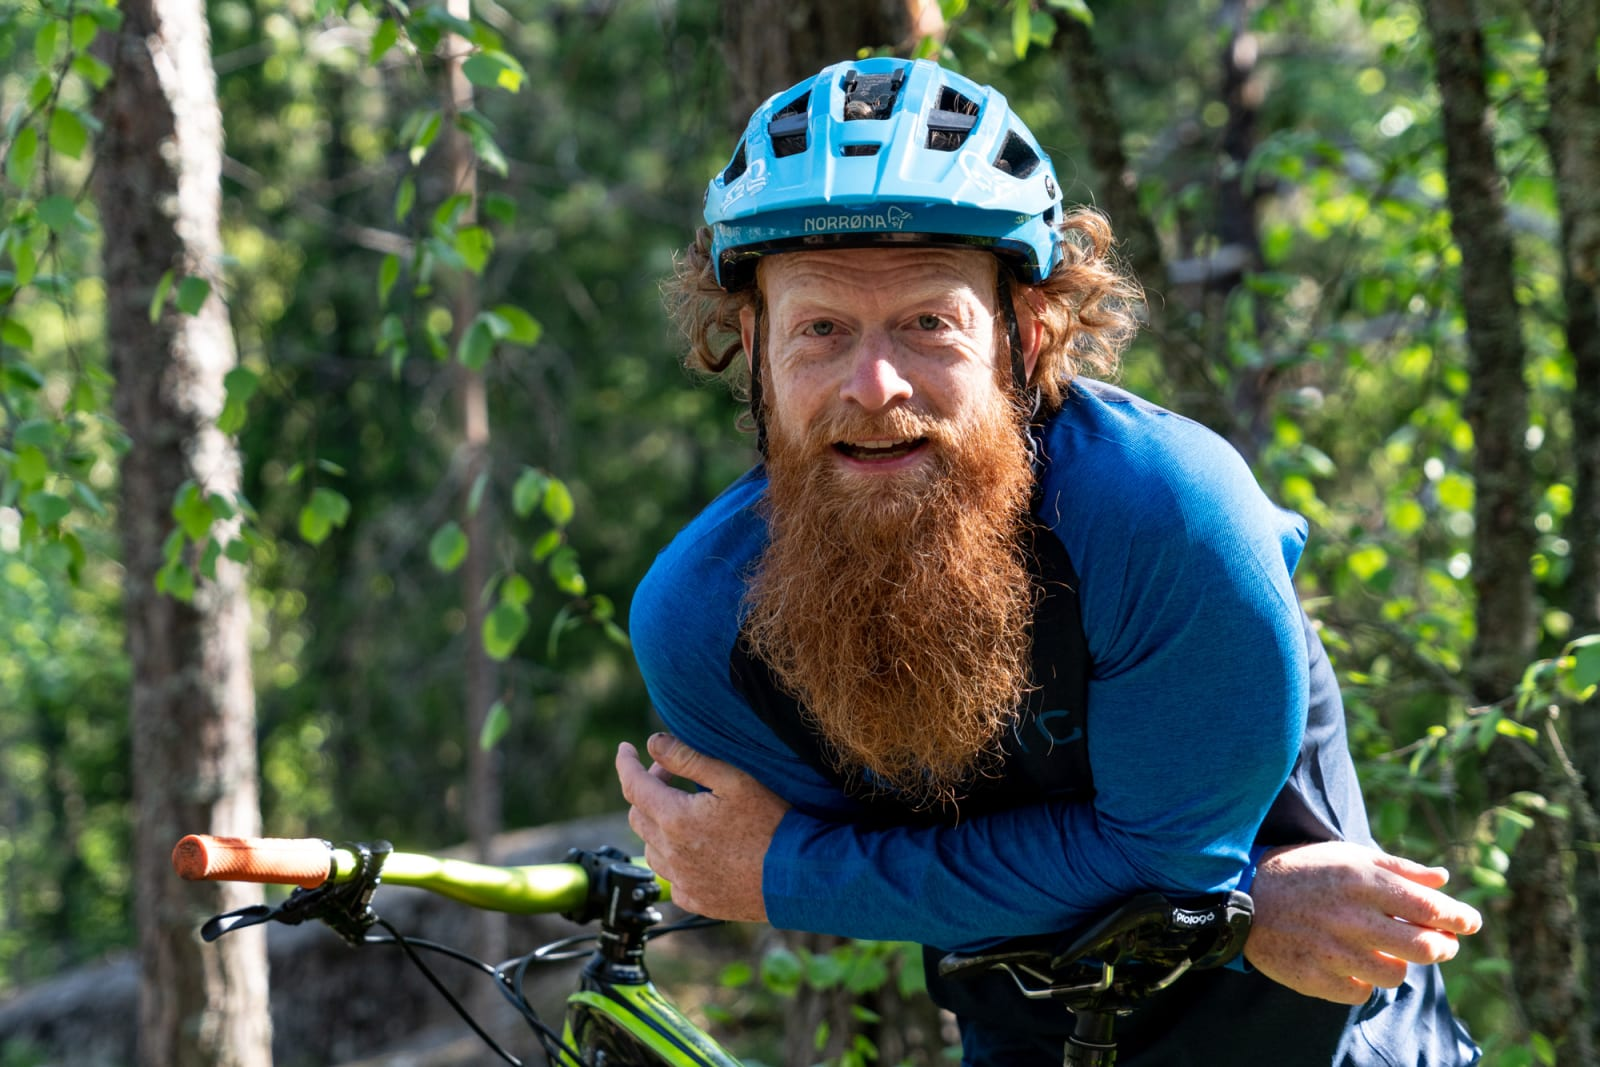 COACH: Aslak Mørstad livnærer seg på terrengsykkelkurs, og burde kunne ha noen god innspill til de fleste som skal stå på startstreken av et sykkelritt. Til helgen er det Terrengsykkelrittet. Bilde: Christian Nerdrum